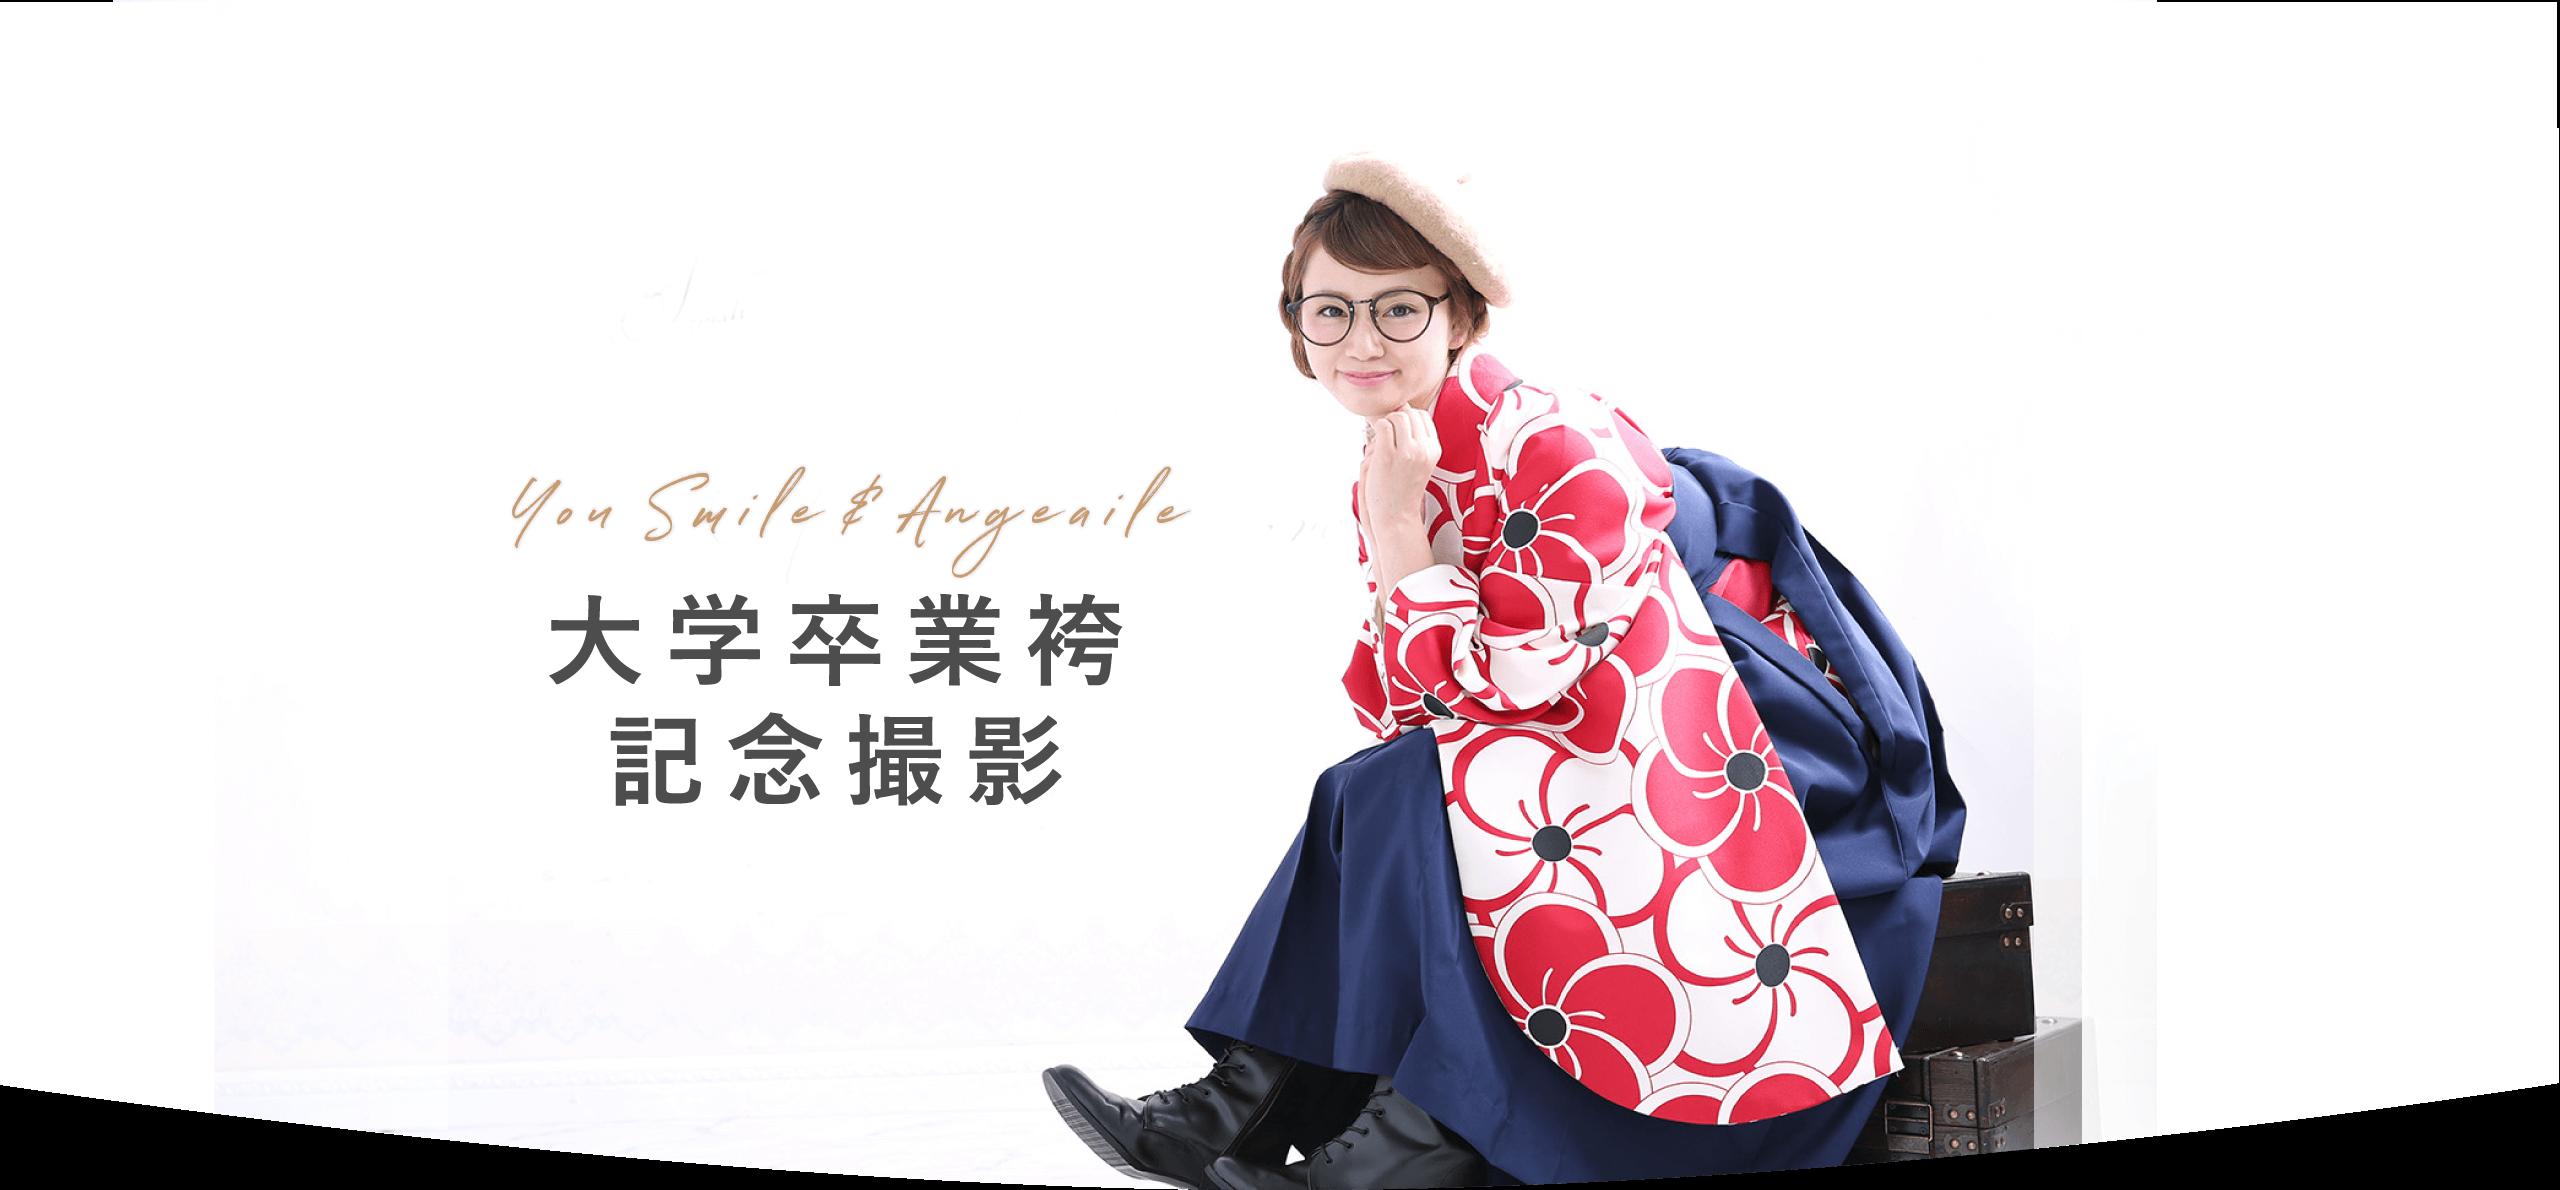 卒業袴写真